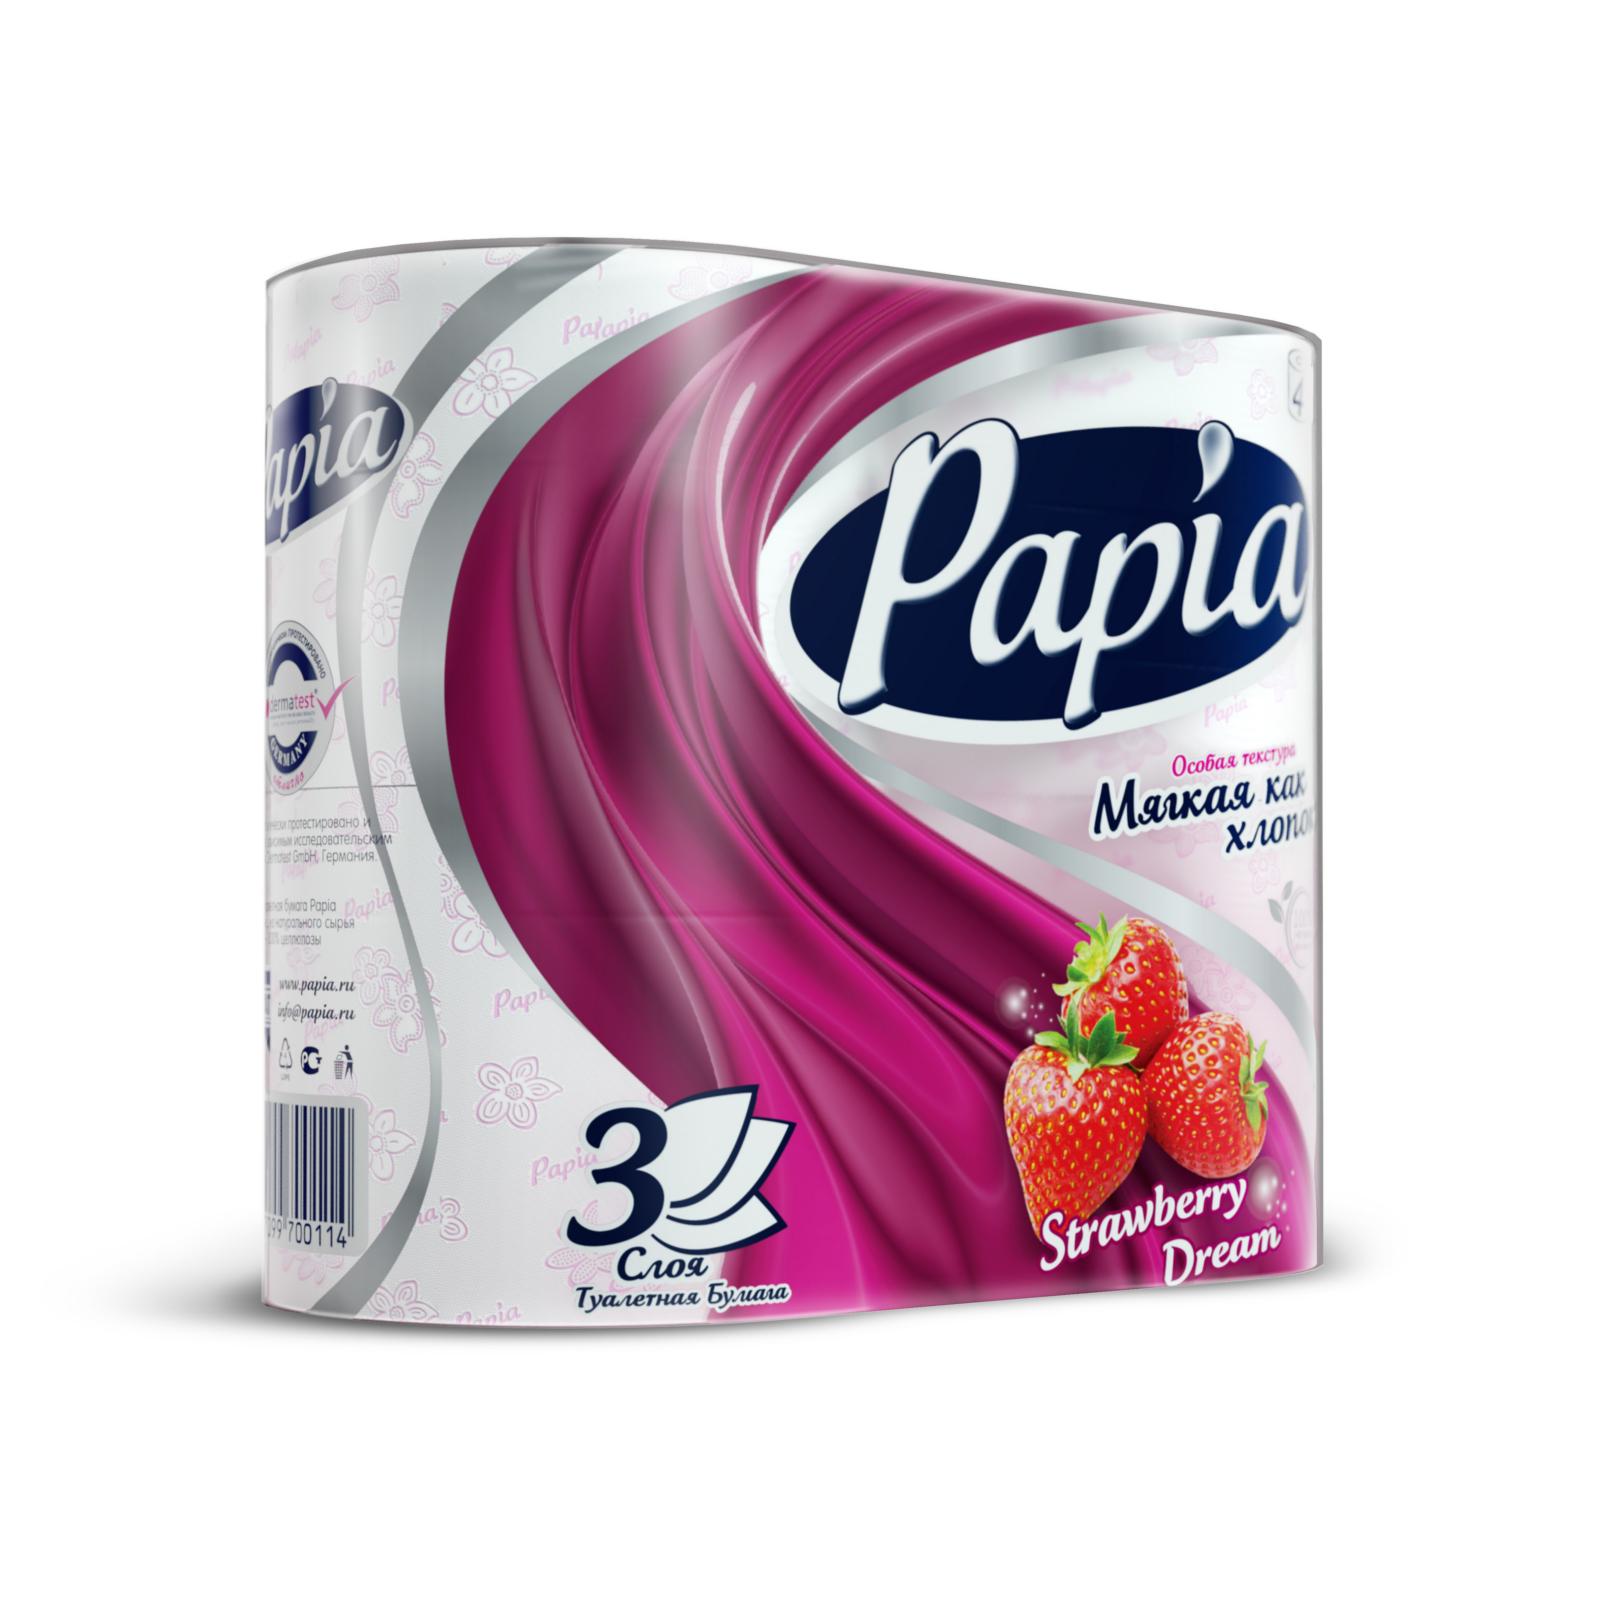 Туалетная бумага Papia с рисунком клубничная мечта (3 слоя) 4 шт<br>